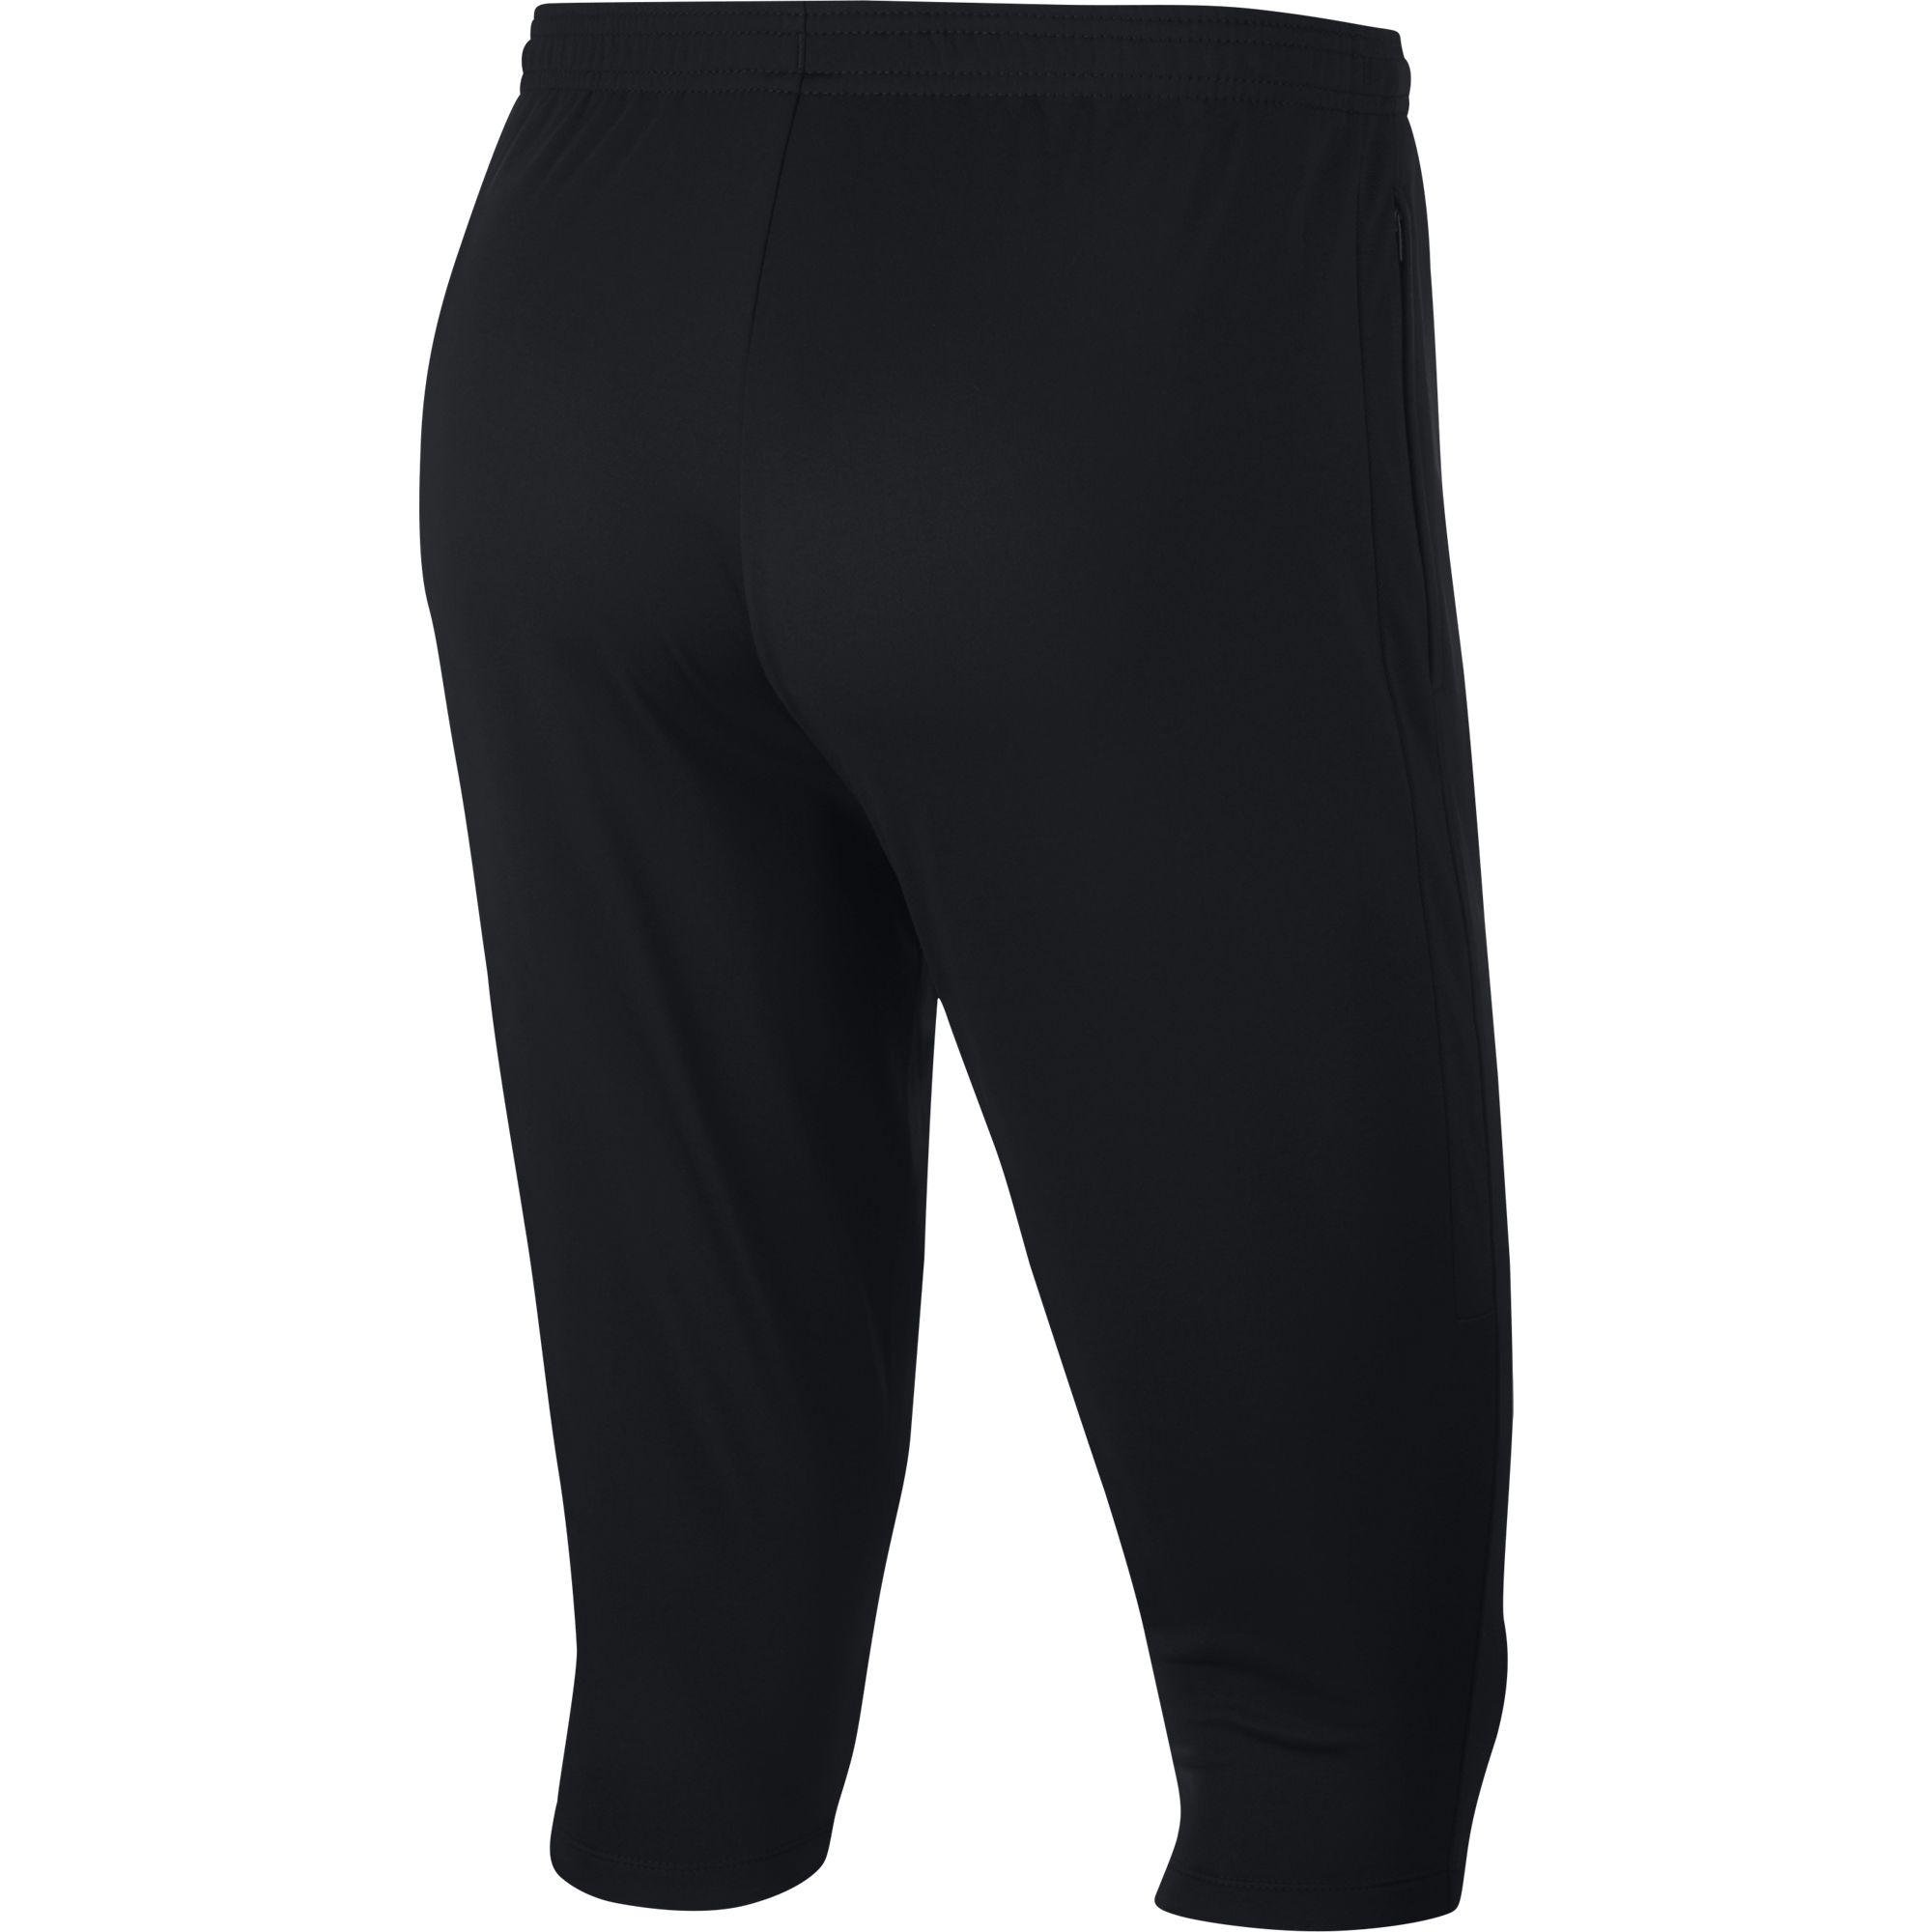 Pantaloncino da Allenamento Nike Academy 18 NIKE TEAMSPORT   2132079765   893793010